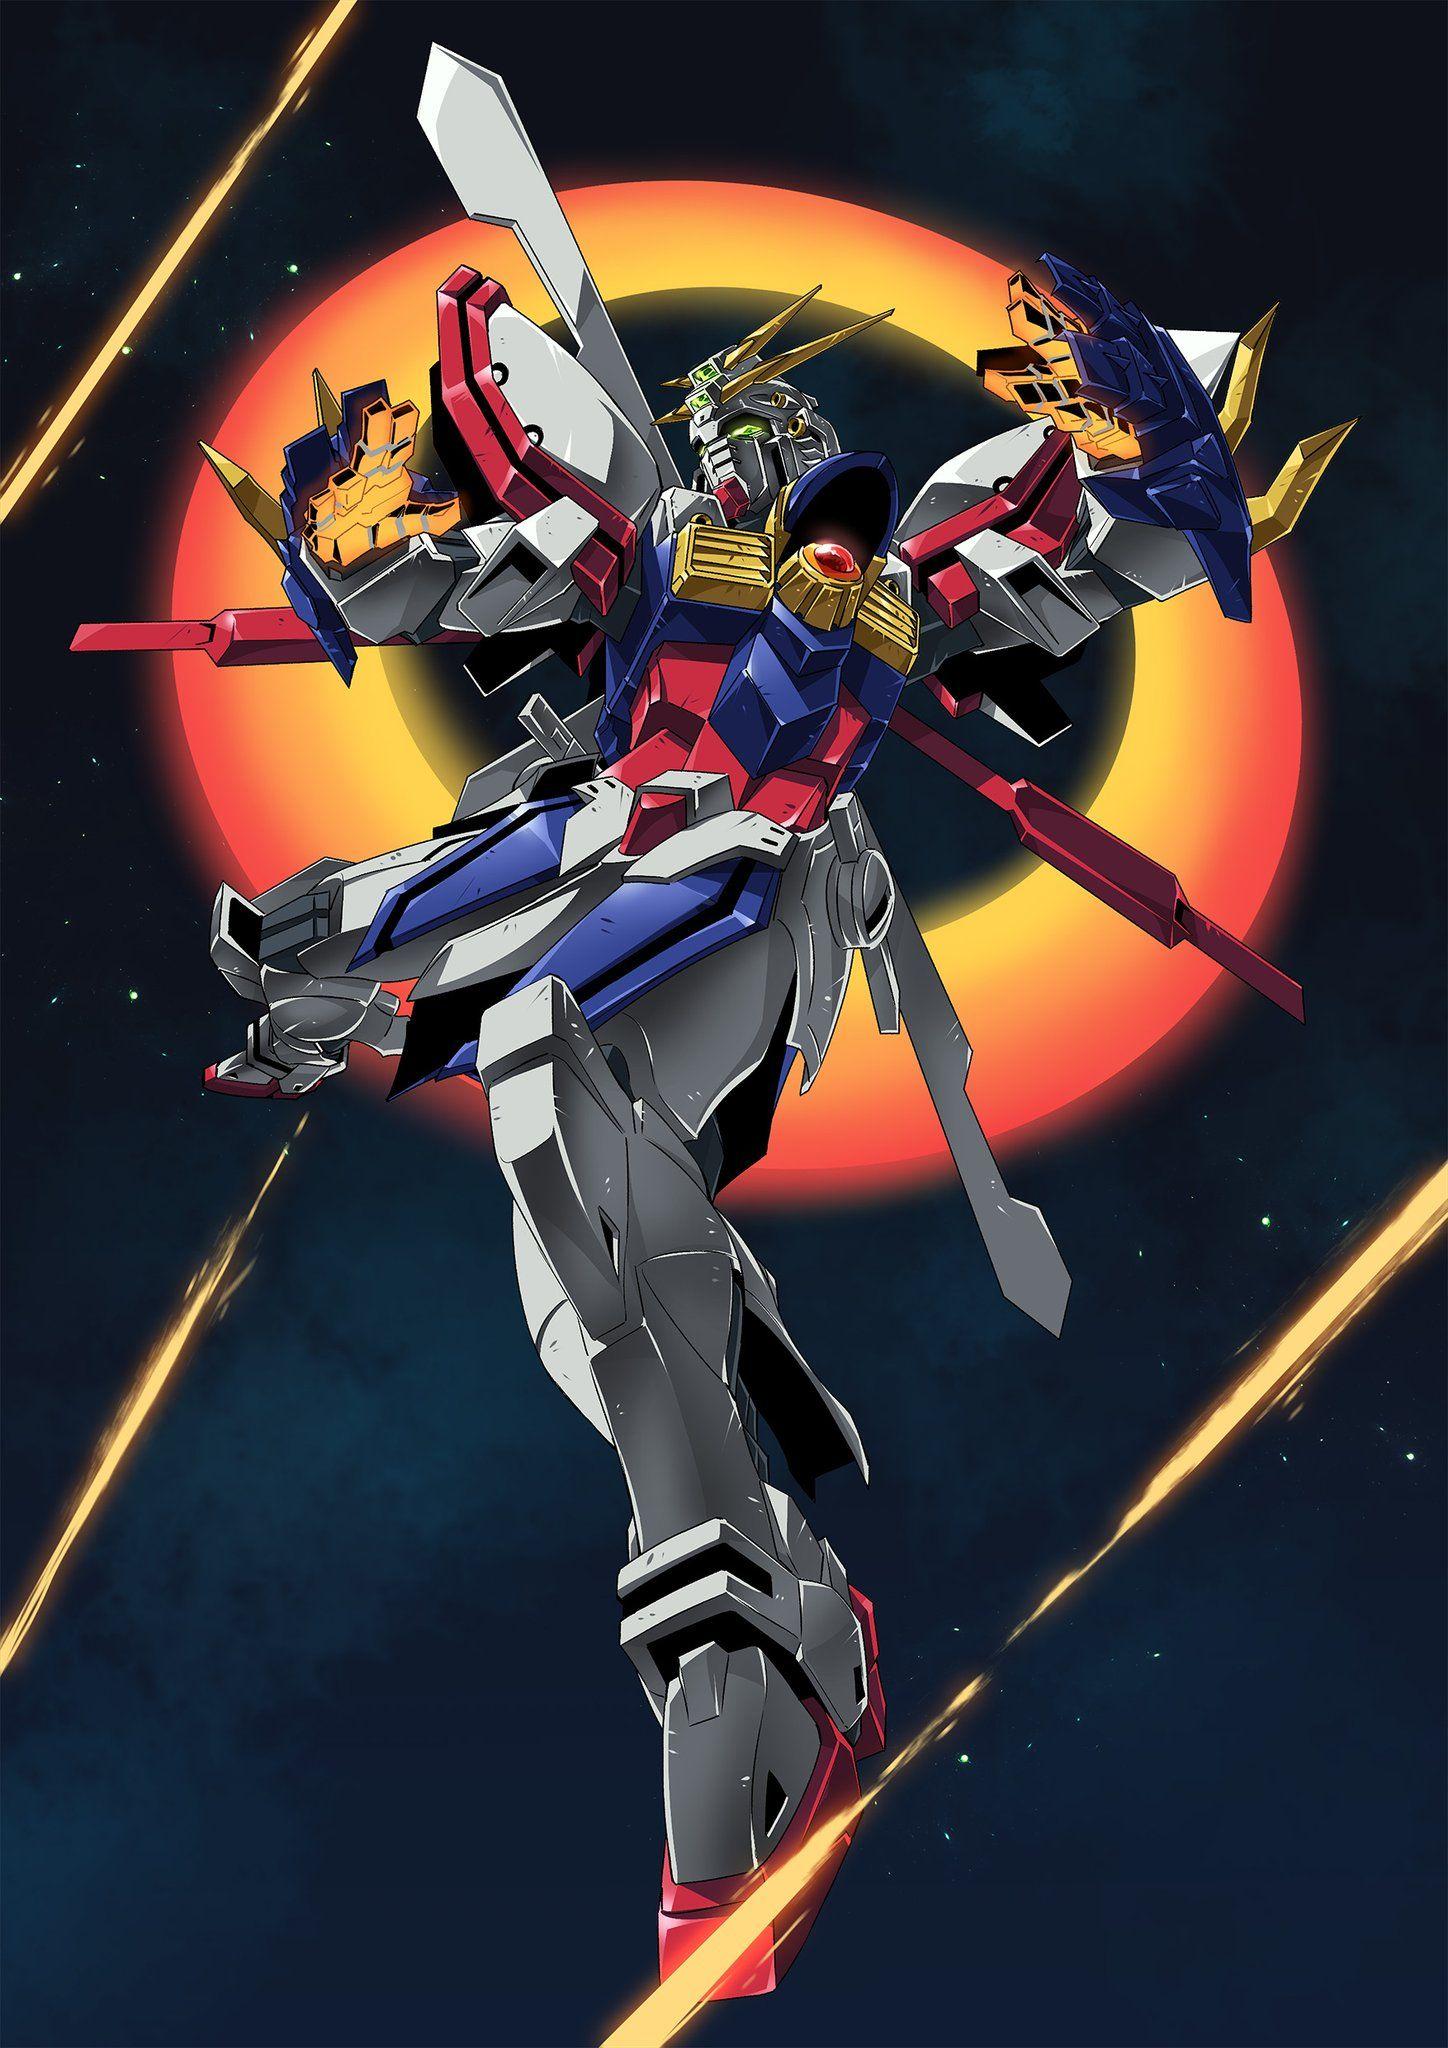 Paintedmike On Twitter Gundam Art Gundam Wallpapers Gundam